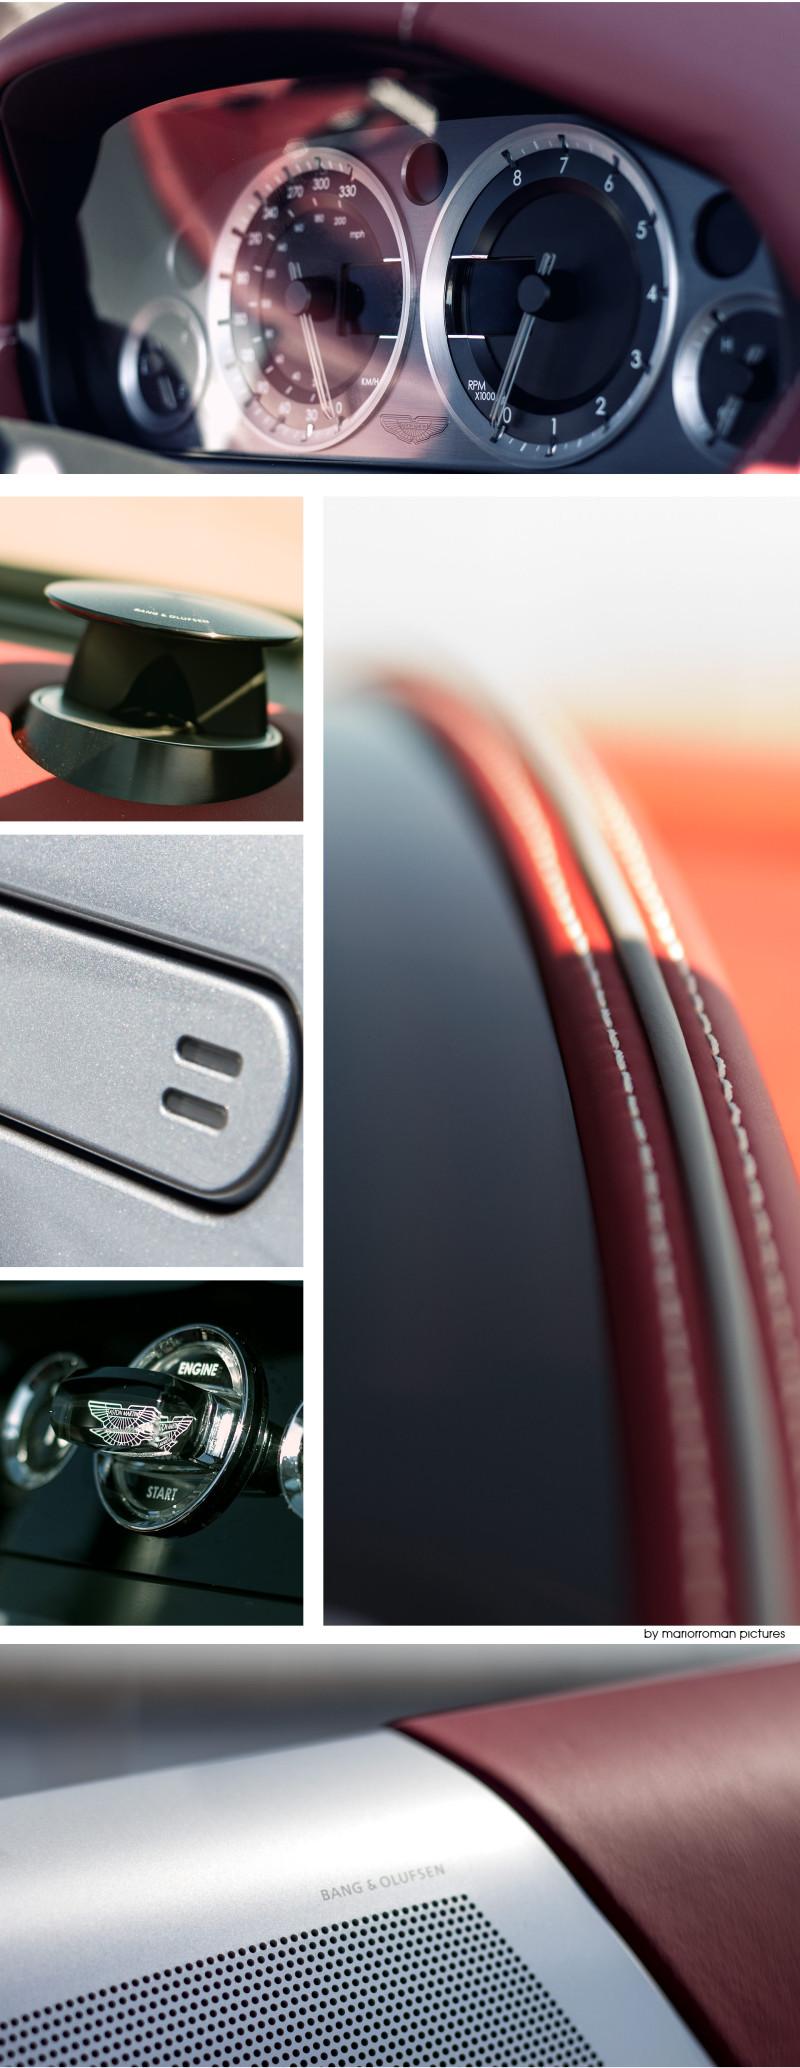 Astonmartin-interieur-800x2068 in Fahrbericht 2013 Aston Martin DB9 Volante - Stil kann man doch kaufen!